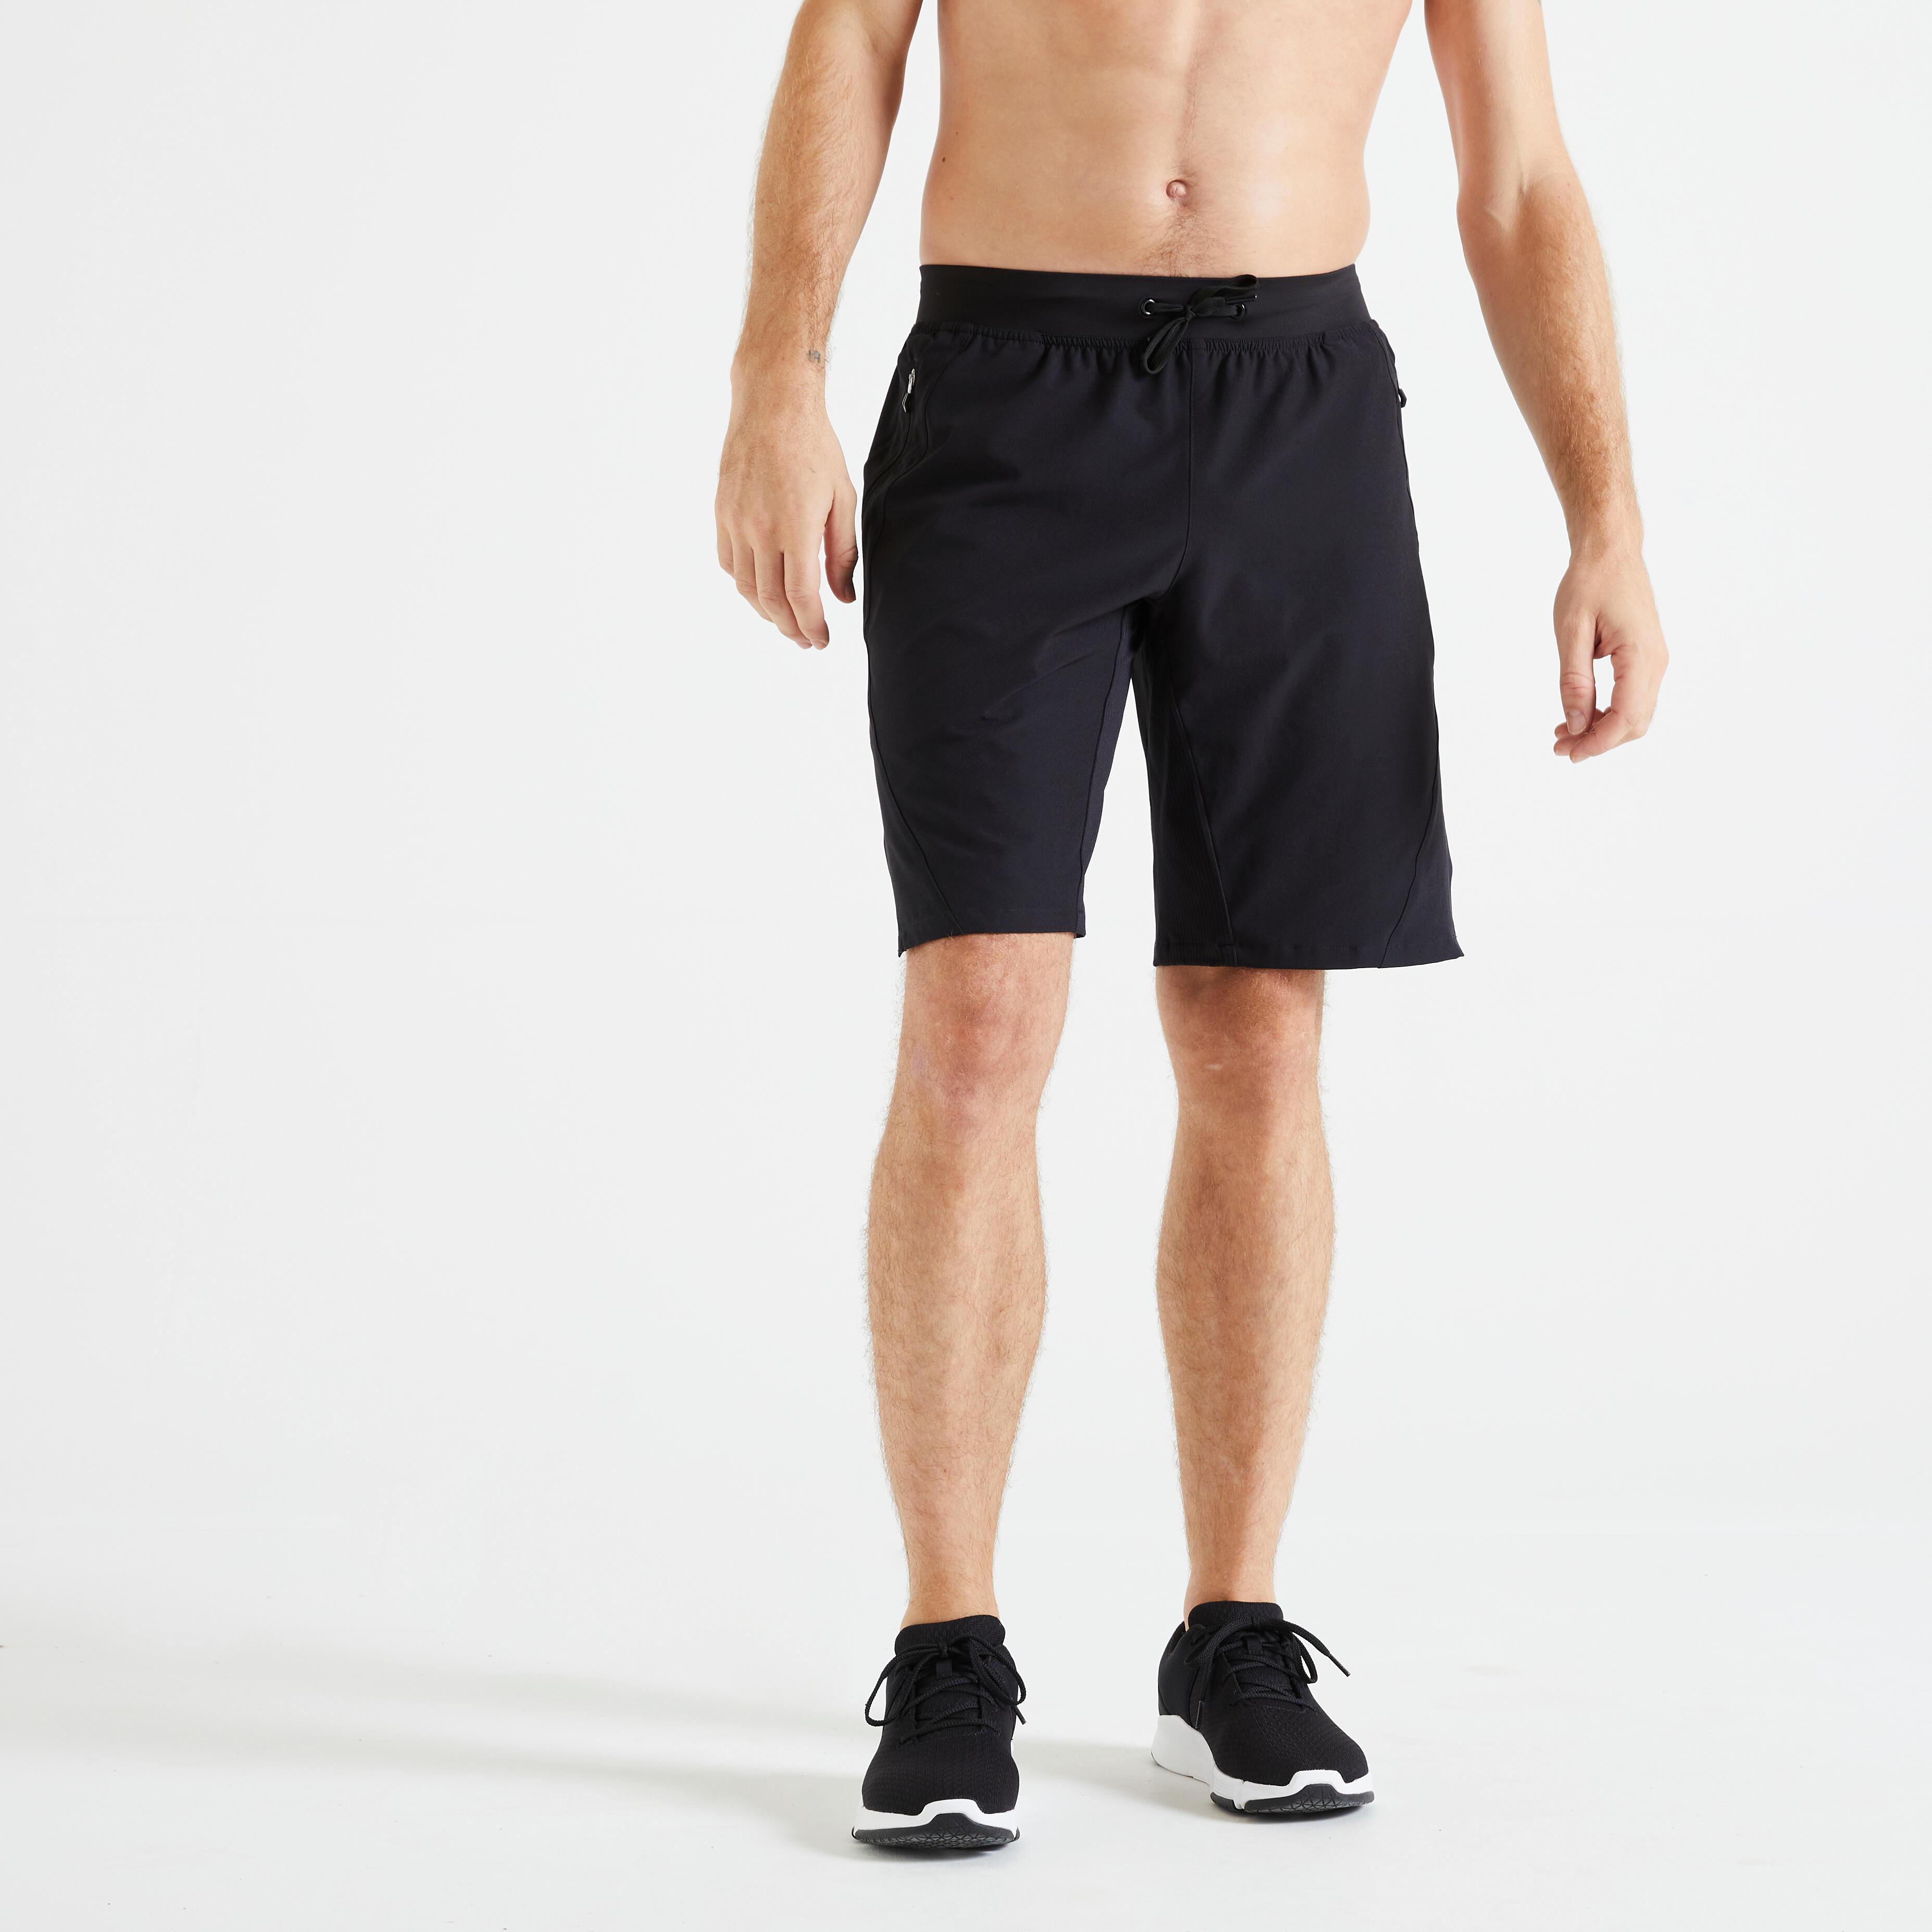 Șort Fitness 500 Negru imagine